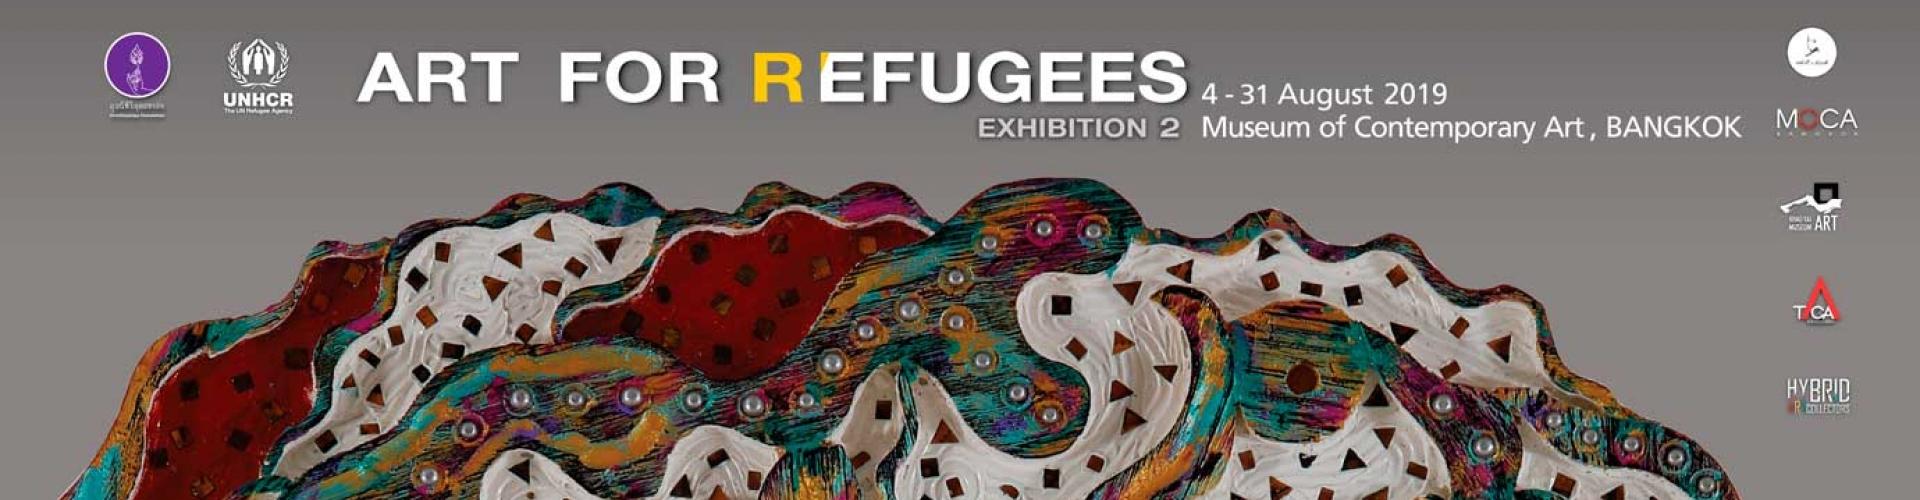 """UNHCR ร่วมกับพระเมธีวชิโรดม (ท่านว.วชิรเมธี) จัดงานนิทรรศการ """"ศิลปกรรมเพื่อผู้ลี้ภัย ครั้งที่ 2"""" ระดมทุนมอบที่พักพิงแก่ผู้ลี้ภัยทั่วโลก"""